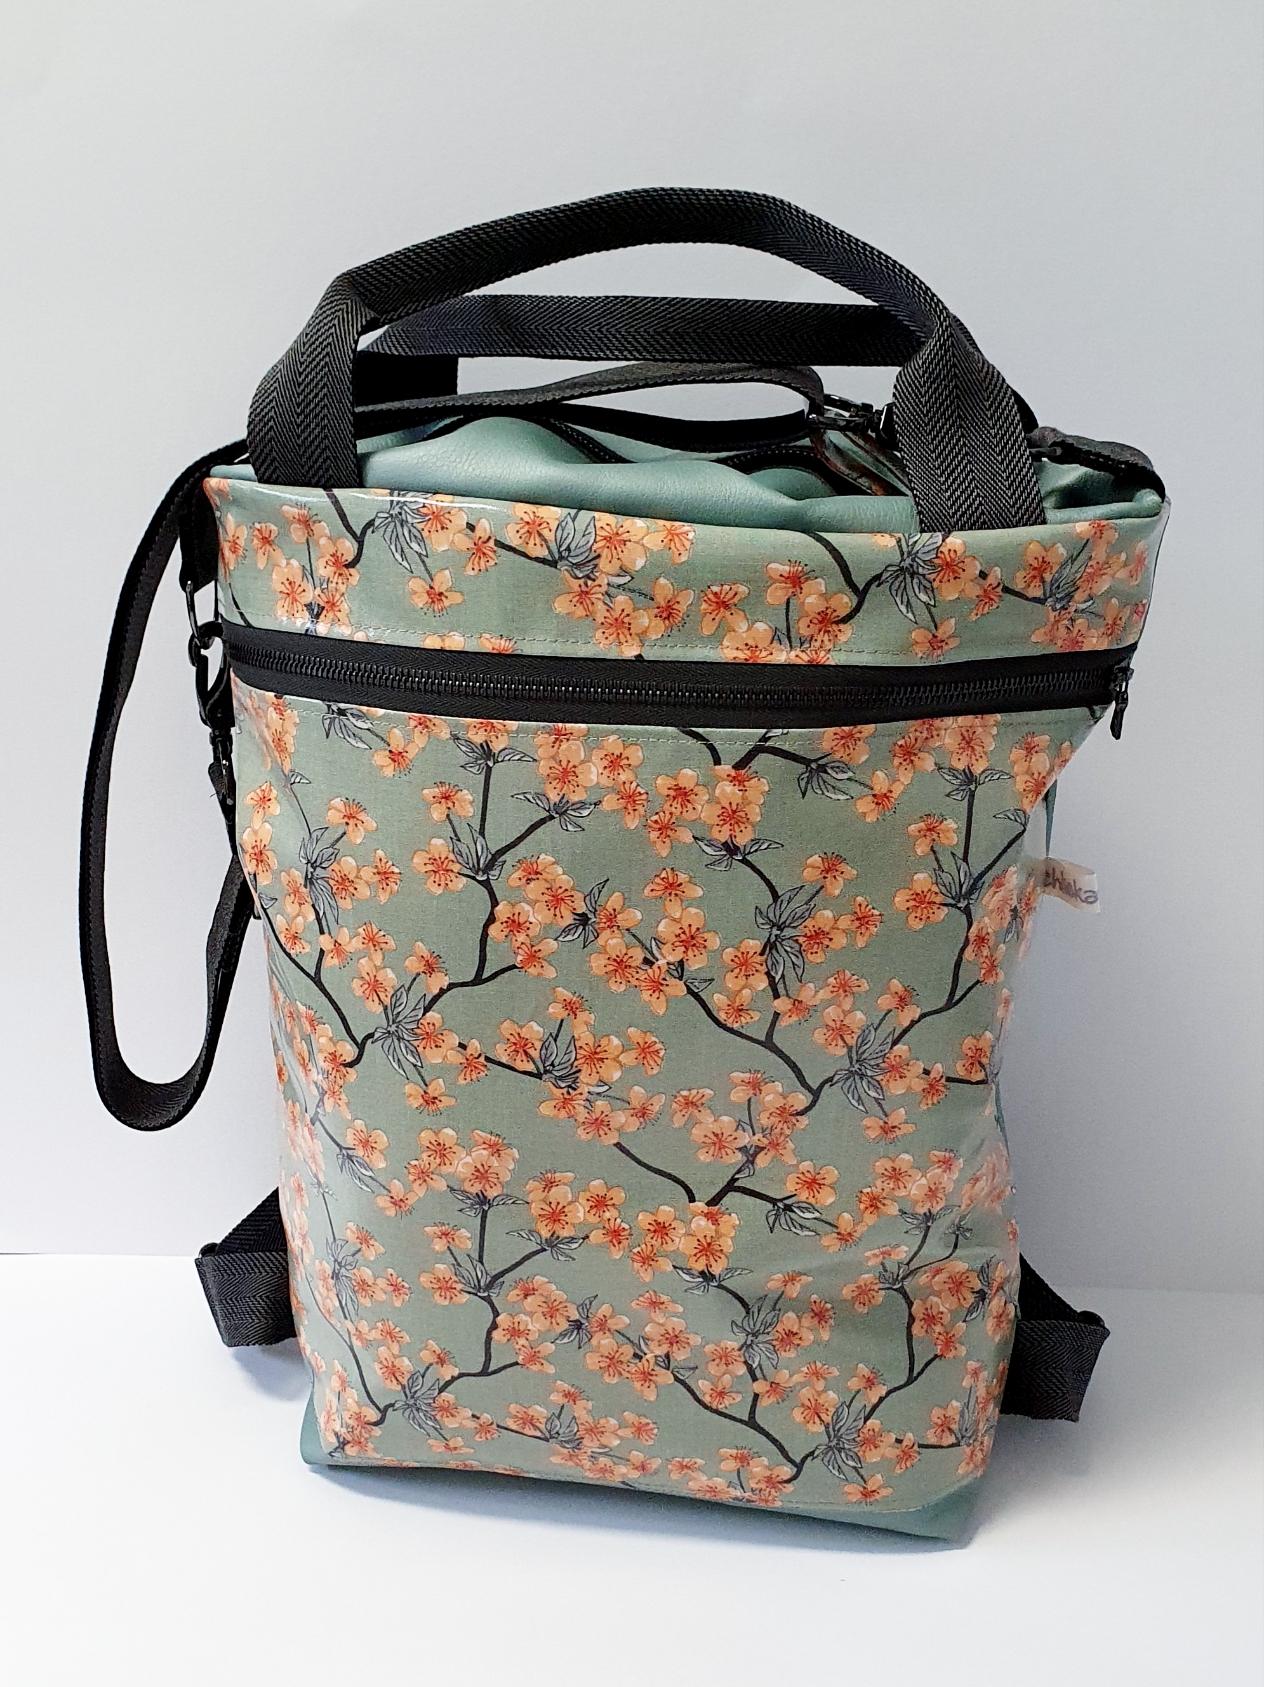 3in1 Bag L Kunstleder kombiniert mit Wachstuch, verkauft